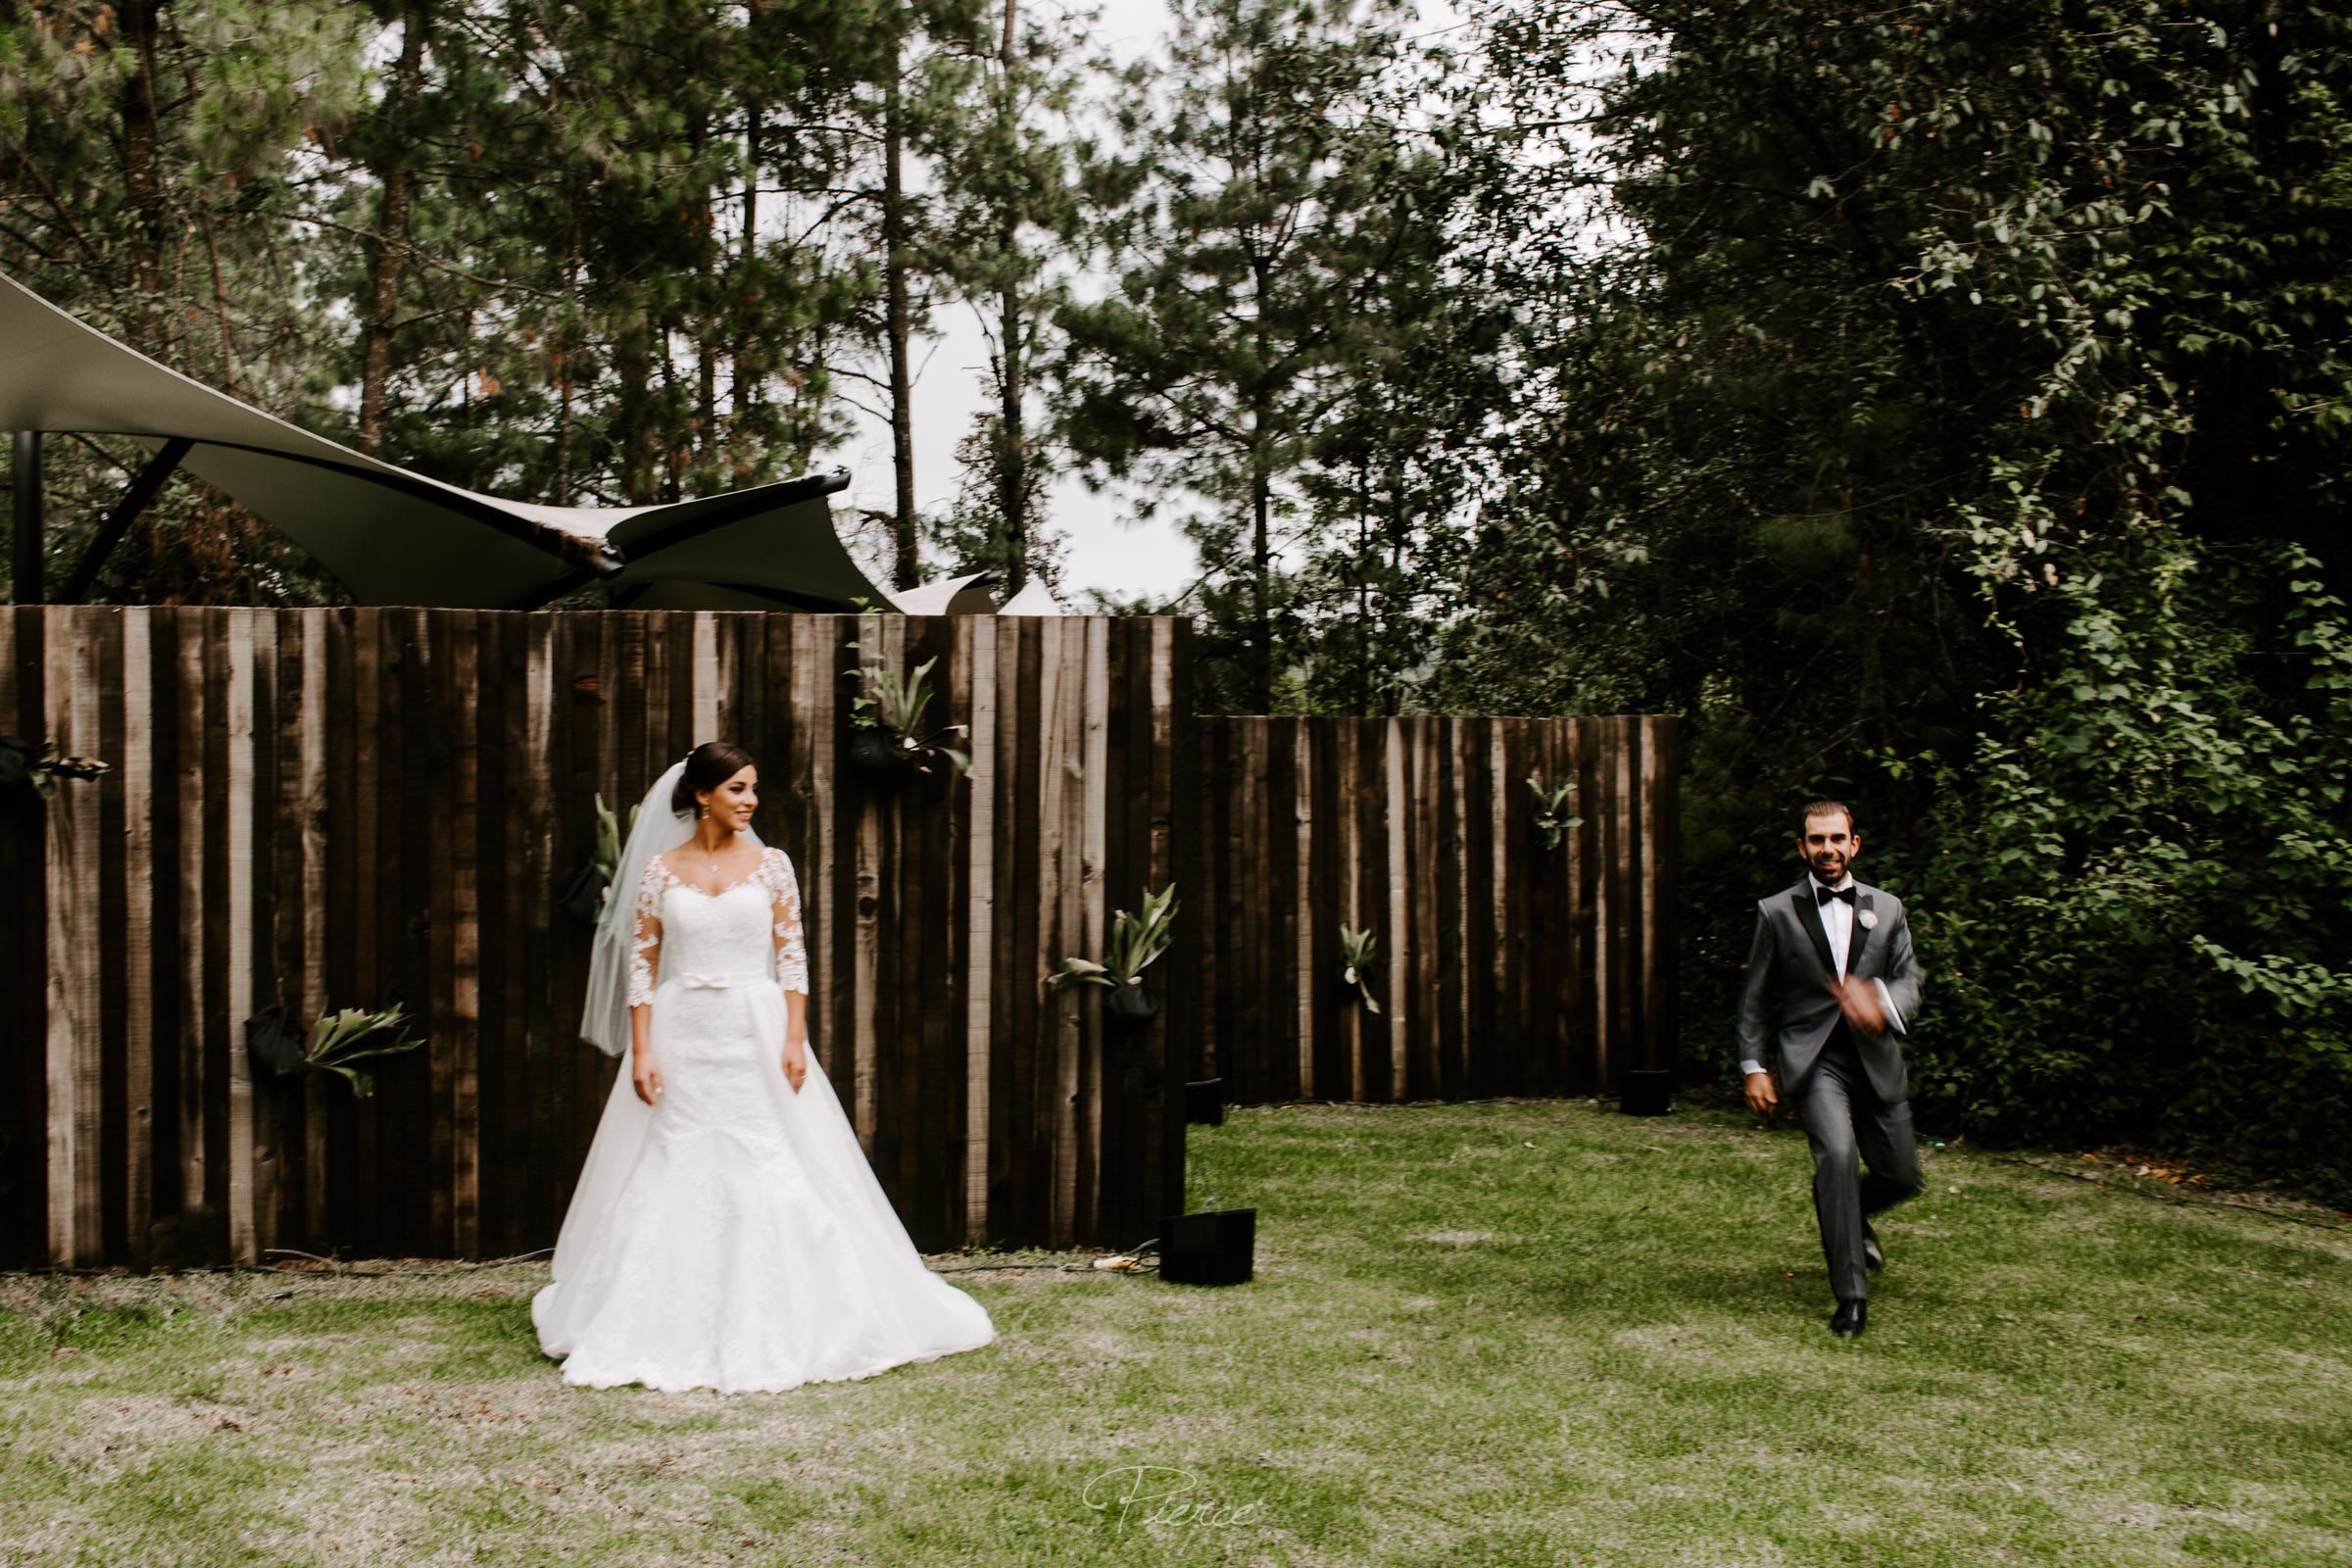 fotografia-de-boda-valle-de-bravo-mexico-rosmarino-pierce-weddings-0031.JPG